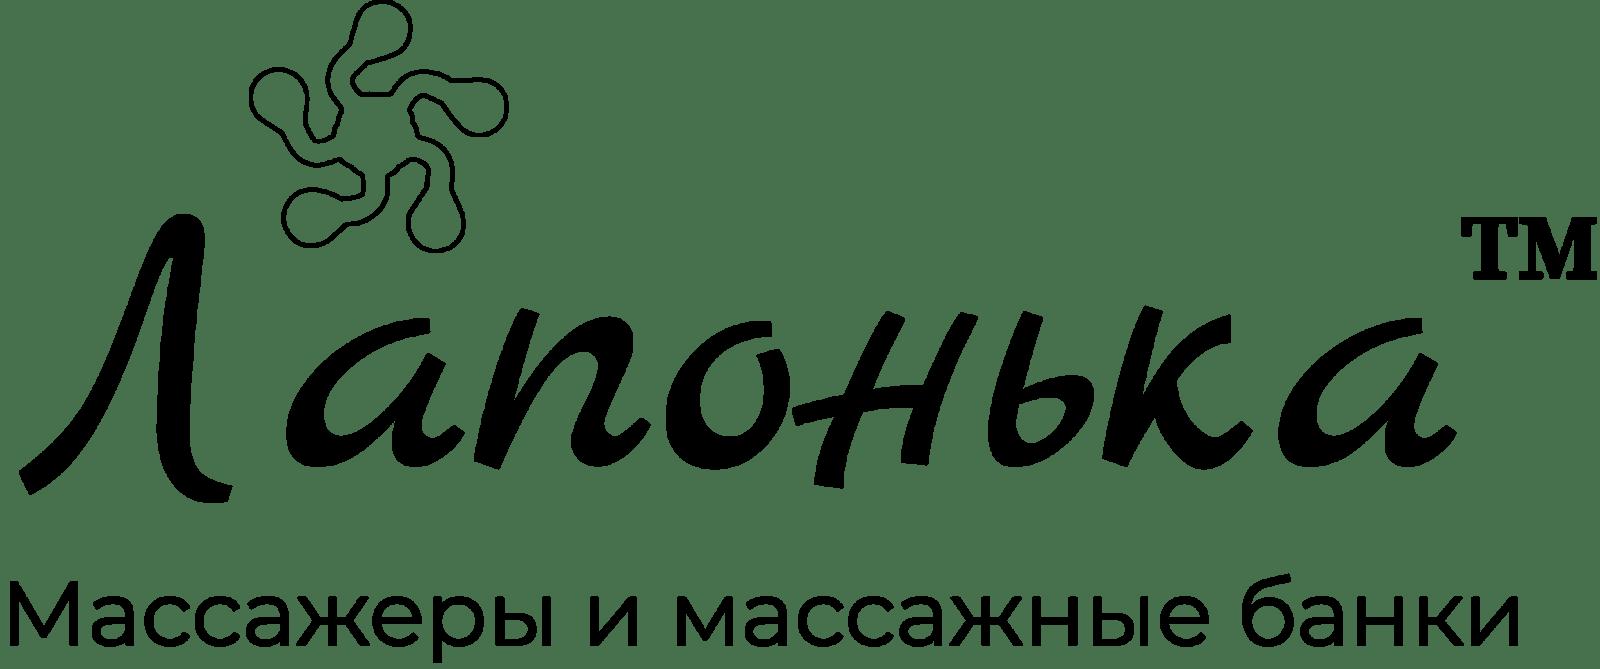 Лапонька